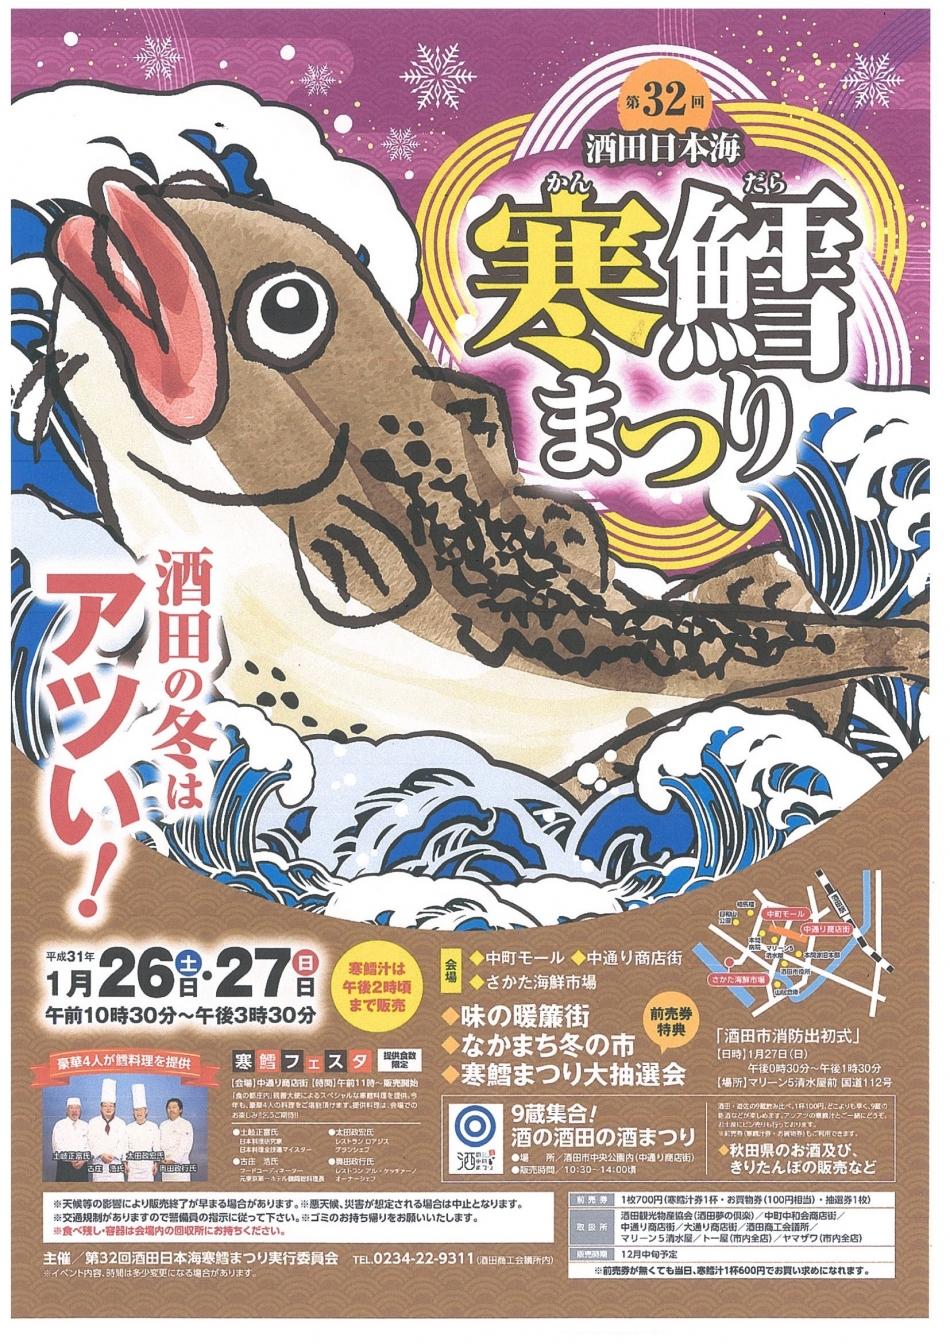 「酒田日本海寒鱈まつり」が開催されます!【平成31年1月26日(土)/27日(日)】